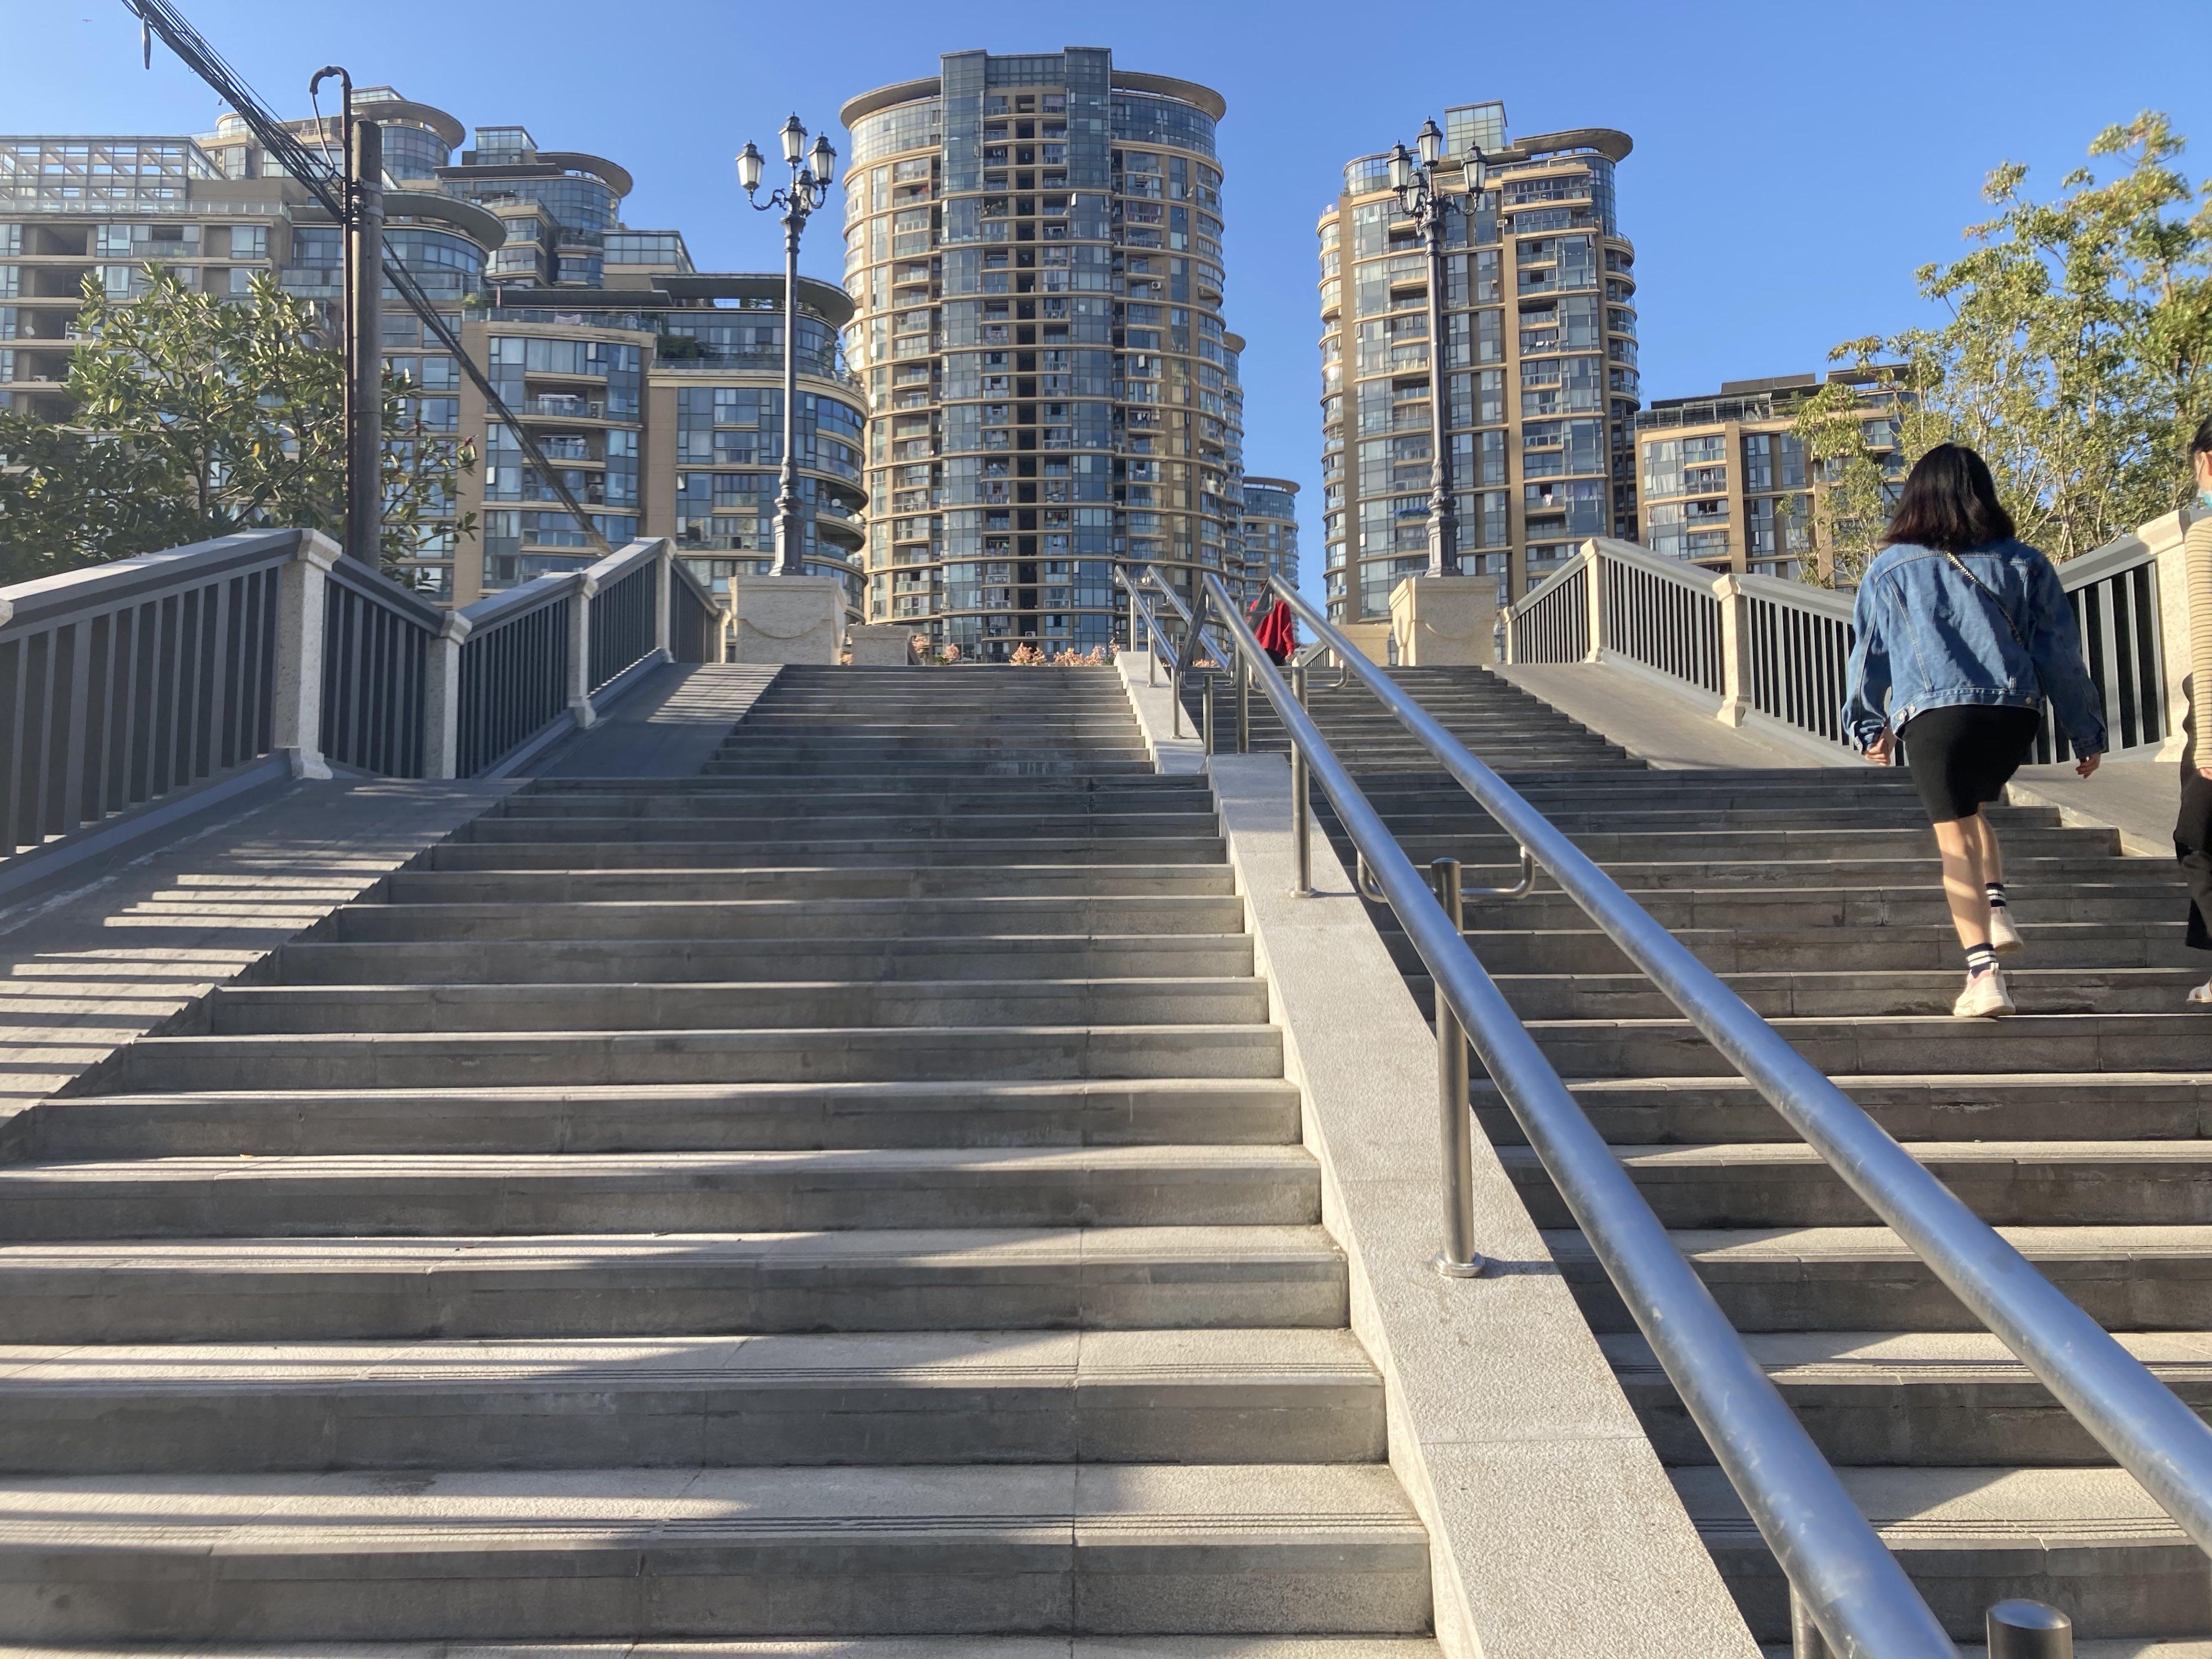 宝成桥连起了周围的居民区。 澎湃新闻记者 沈健文 摄